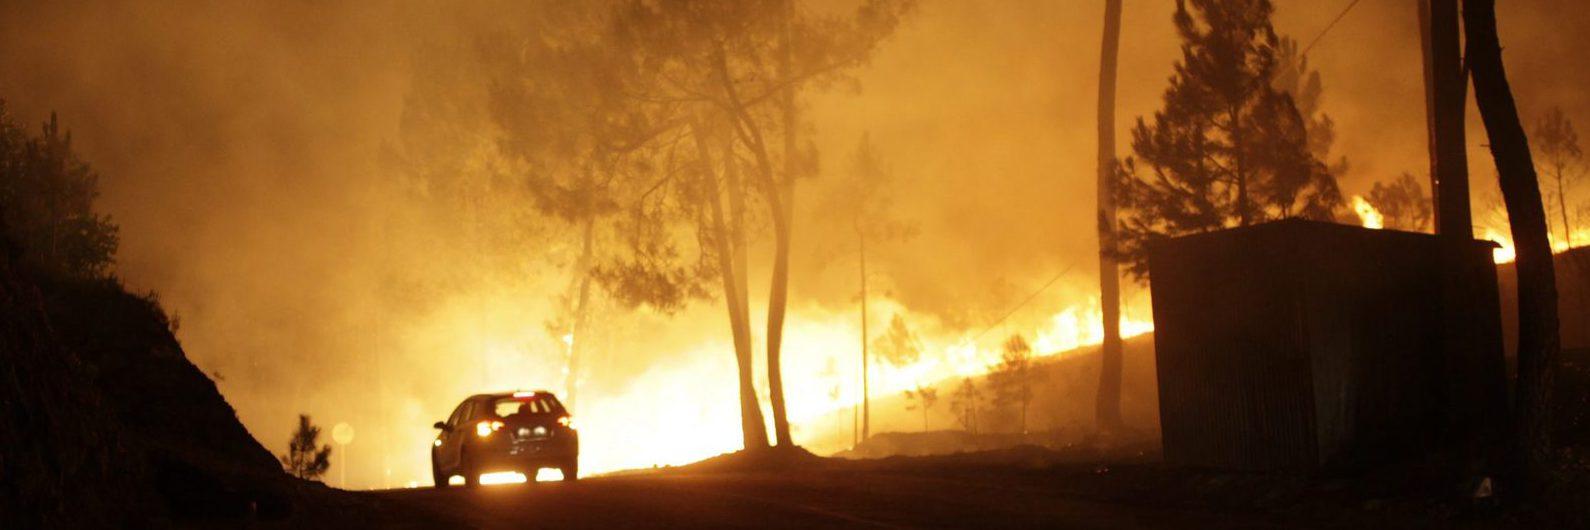 Incêndios: Governo decreta estado de calamidade pública preventiva